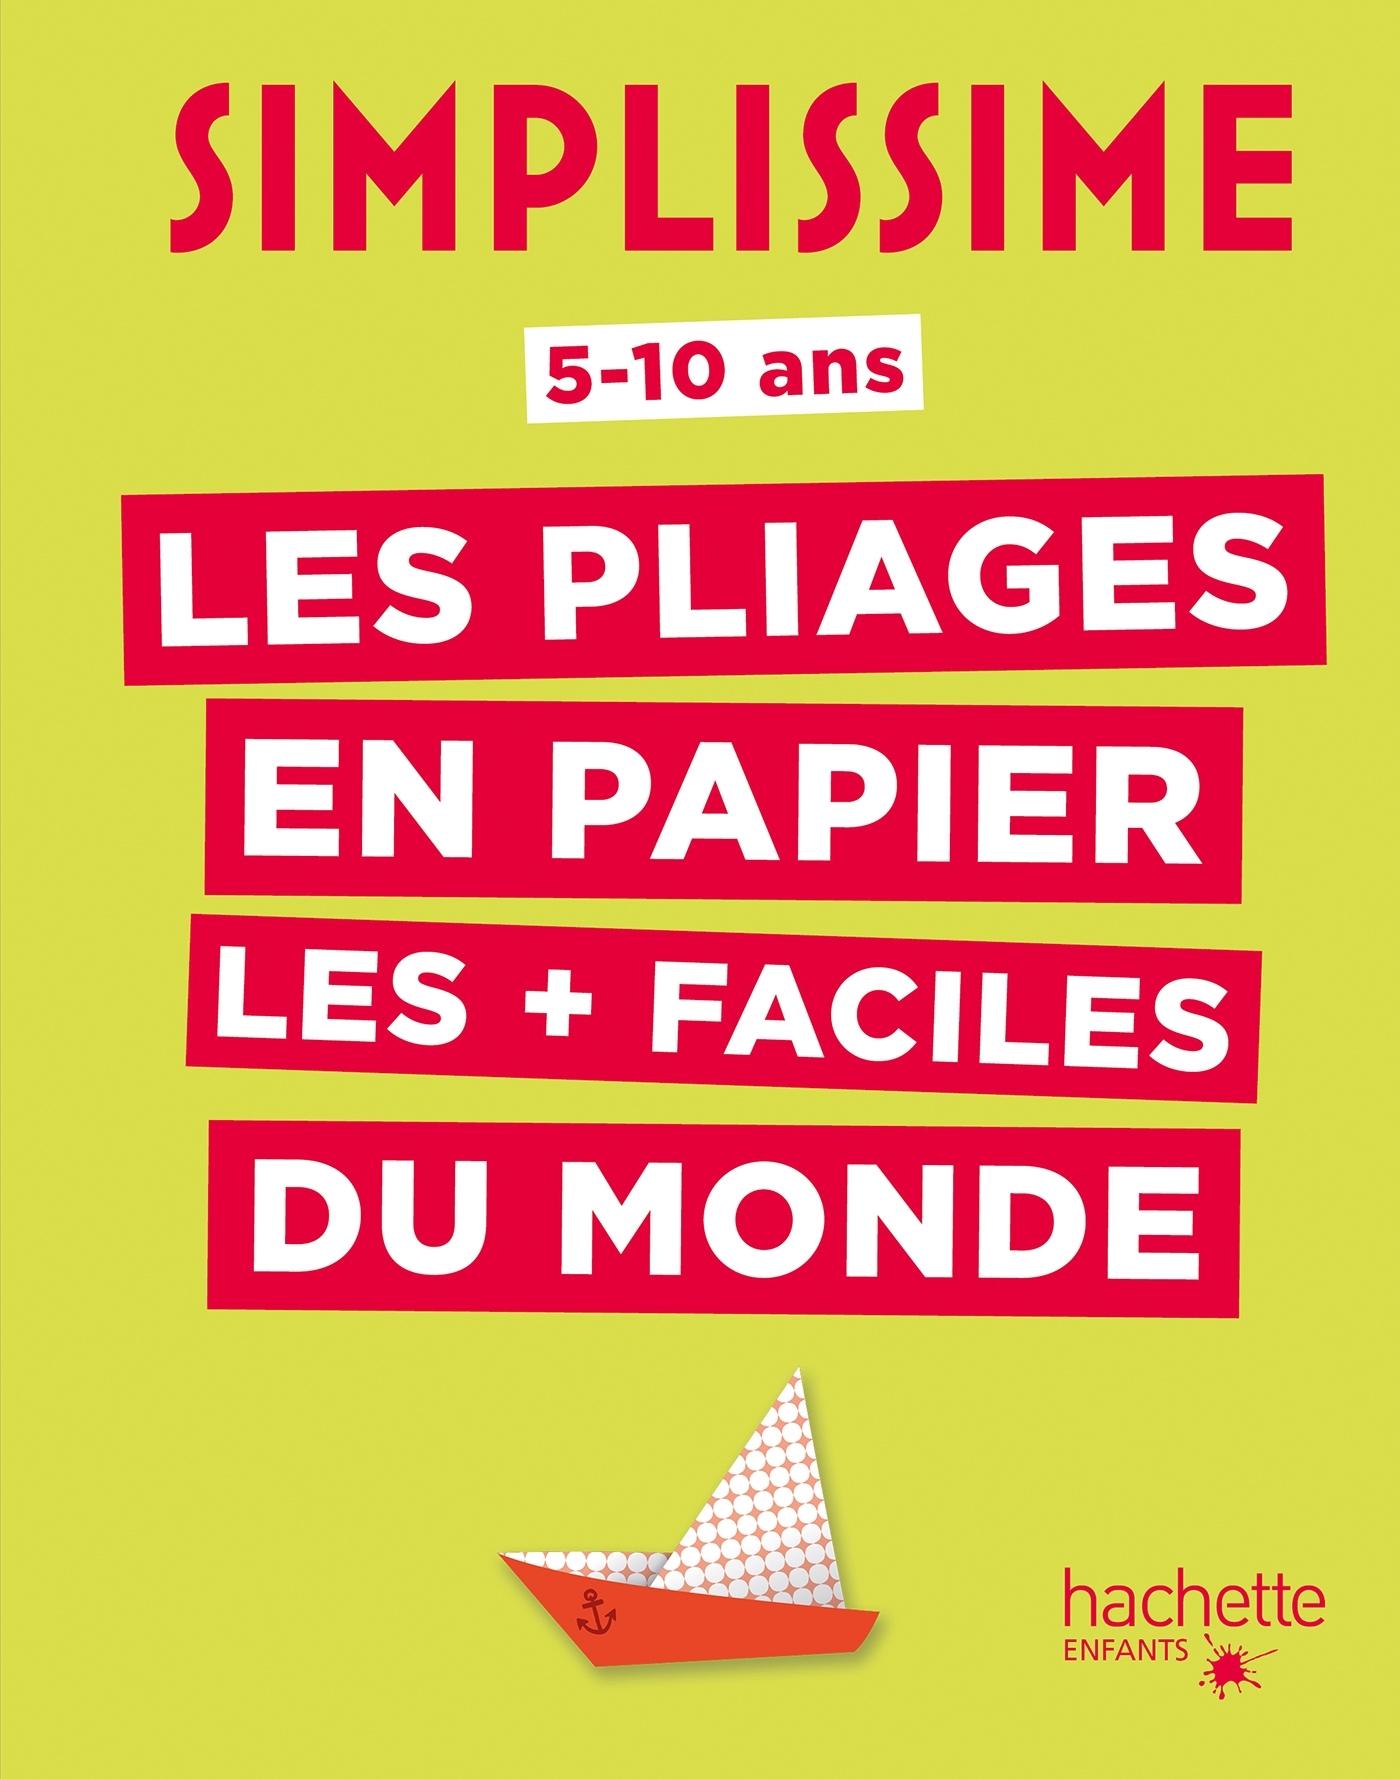 SIMPLISSIME - LES PLIAGES EN PAPIER LES + FACILES DU MONDE